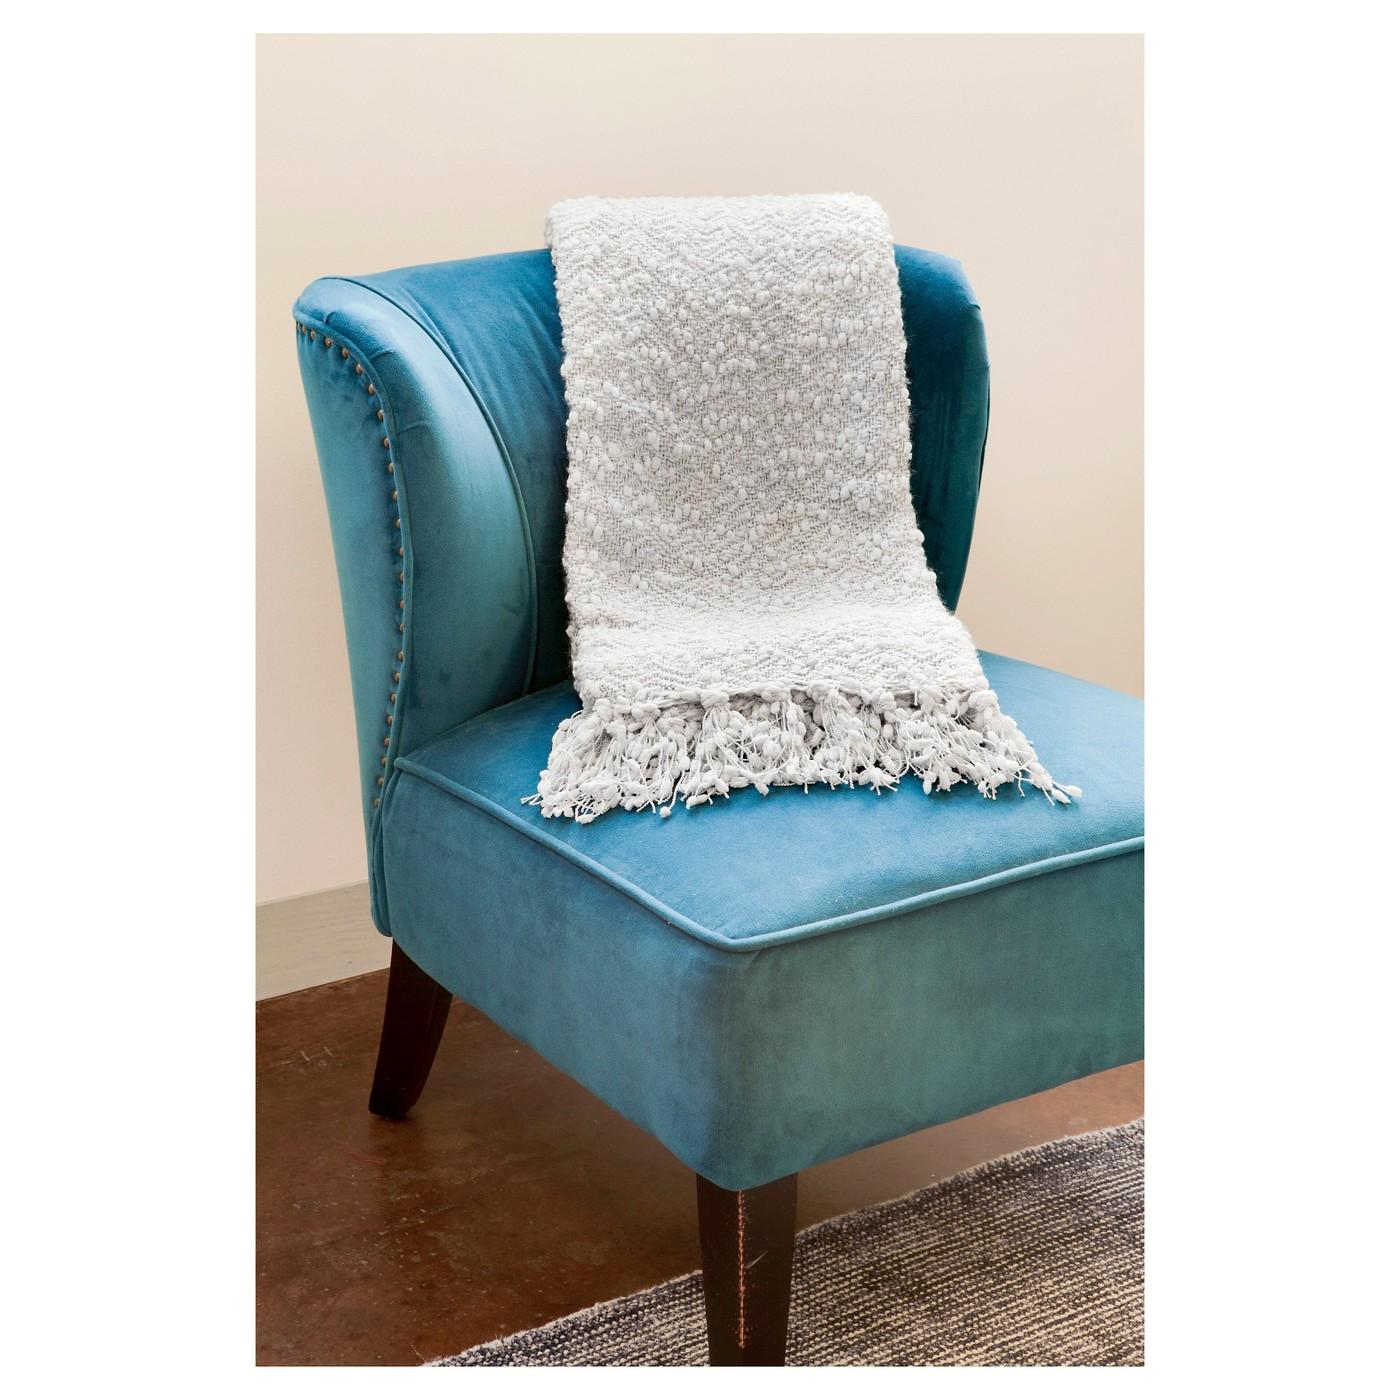 Popcorn Blanket